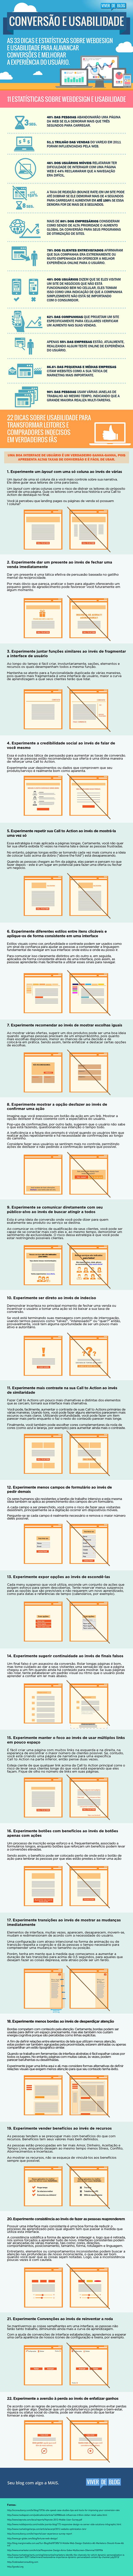 Viver de Blog Infográfico Conversão e Usabilidade 600px [Infográfico] 33 dicas sobre webdesign e usabilidade que irão alavancar suas conversões